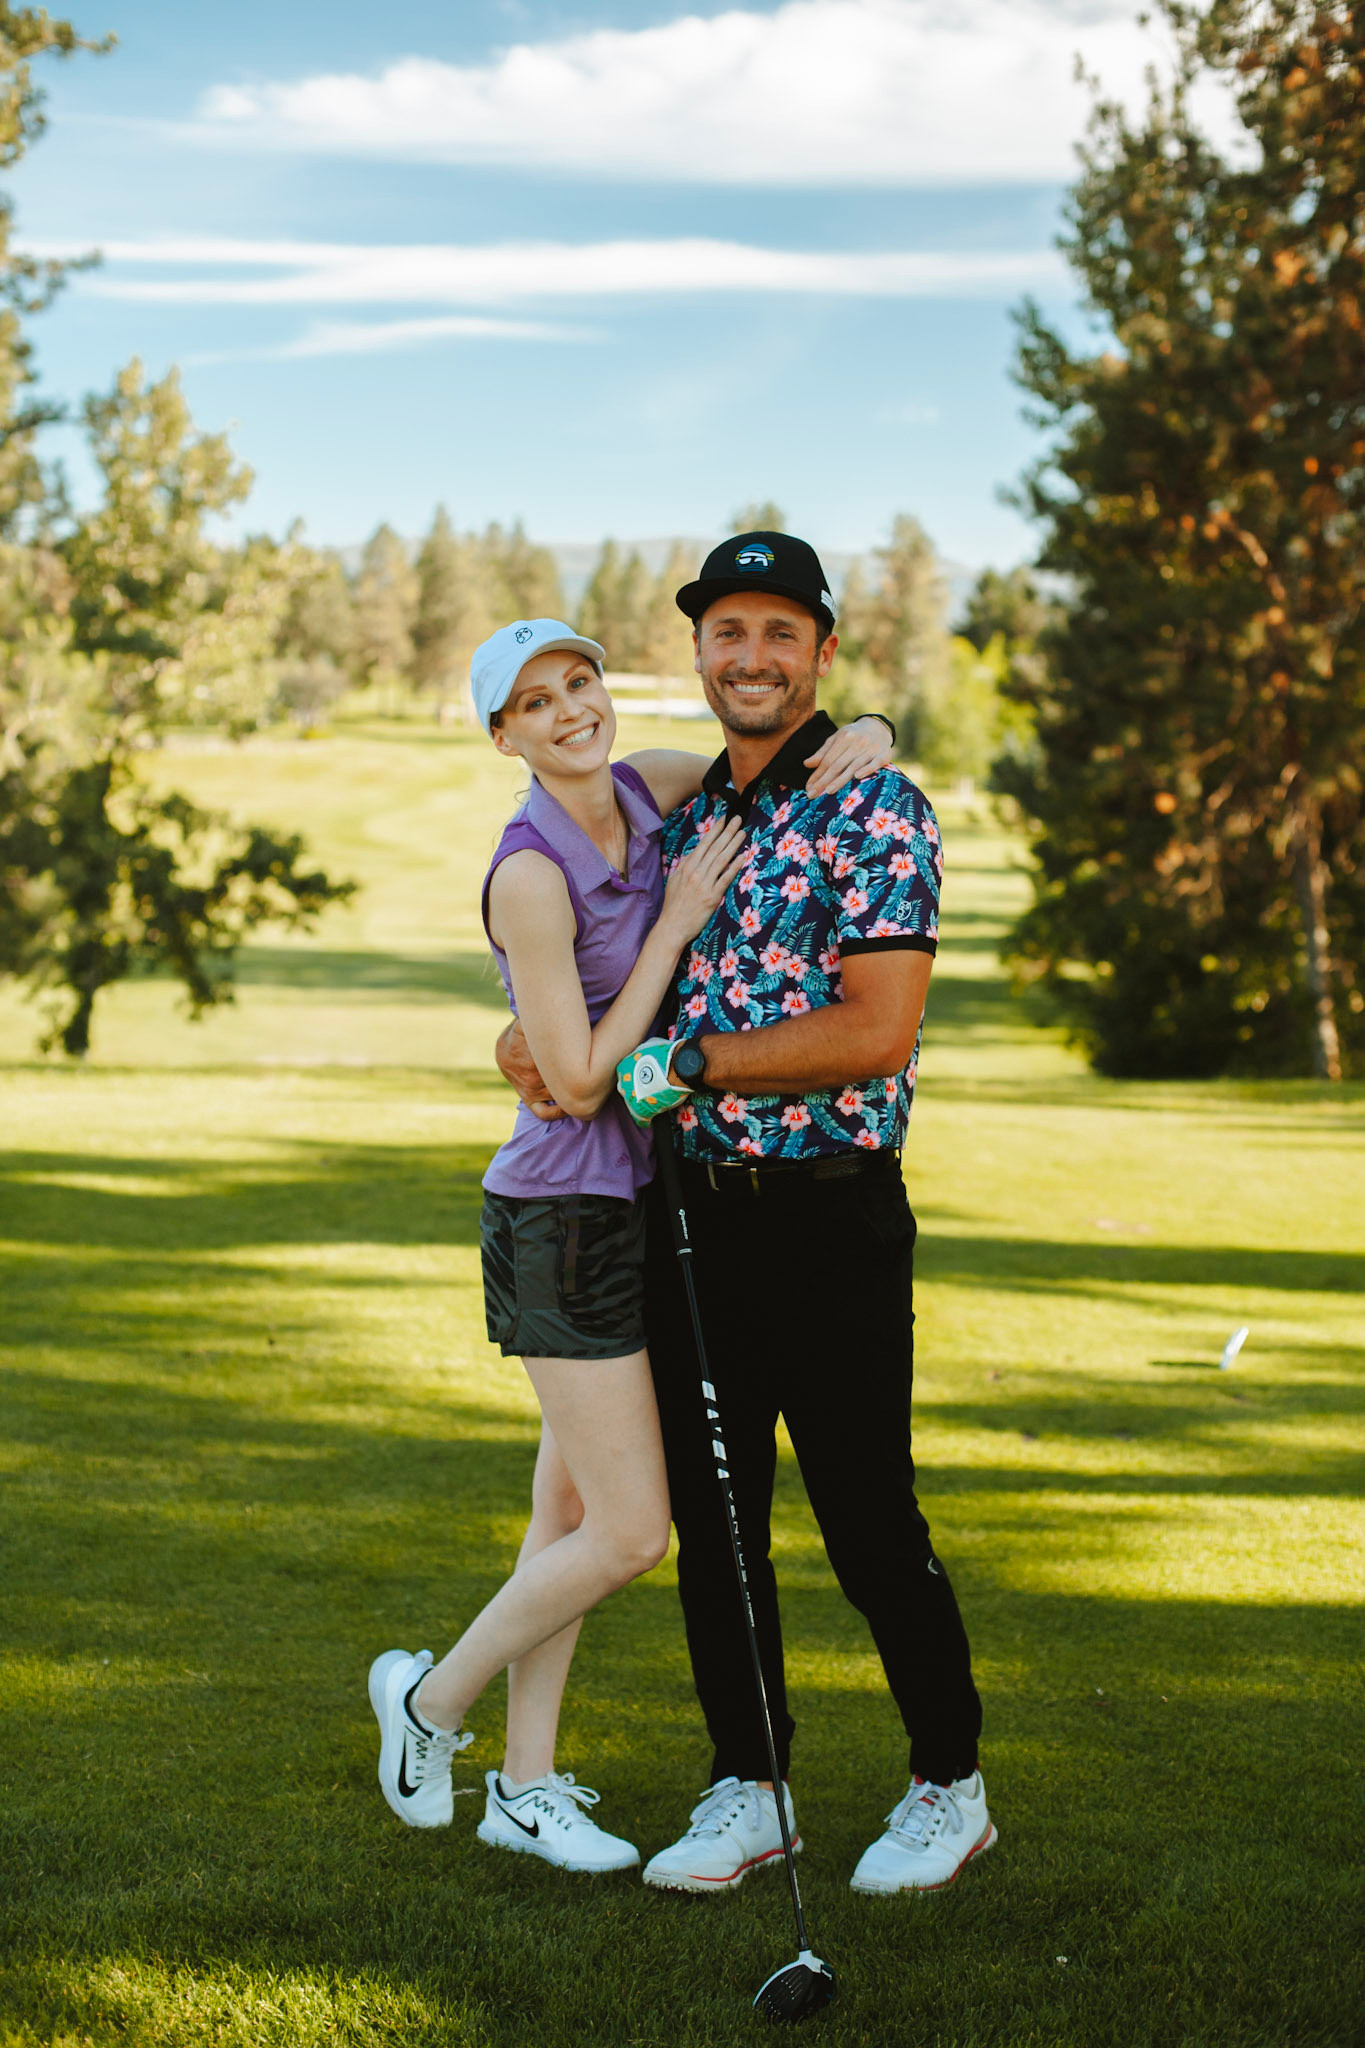 Chris Trunzer Golf Day